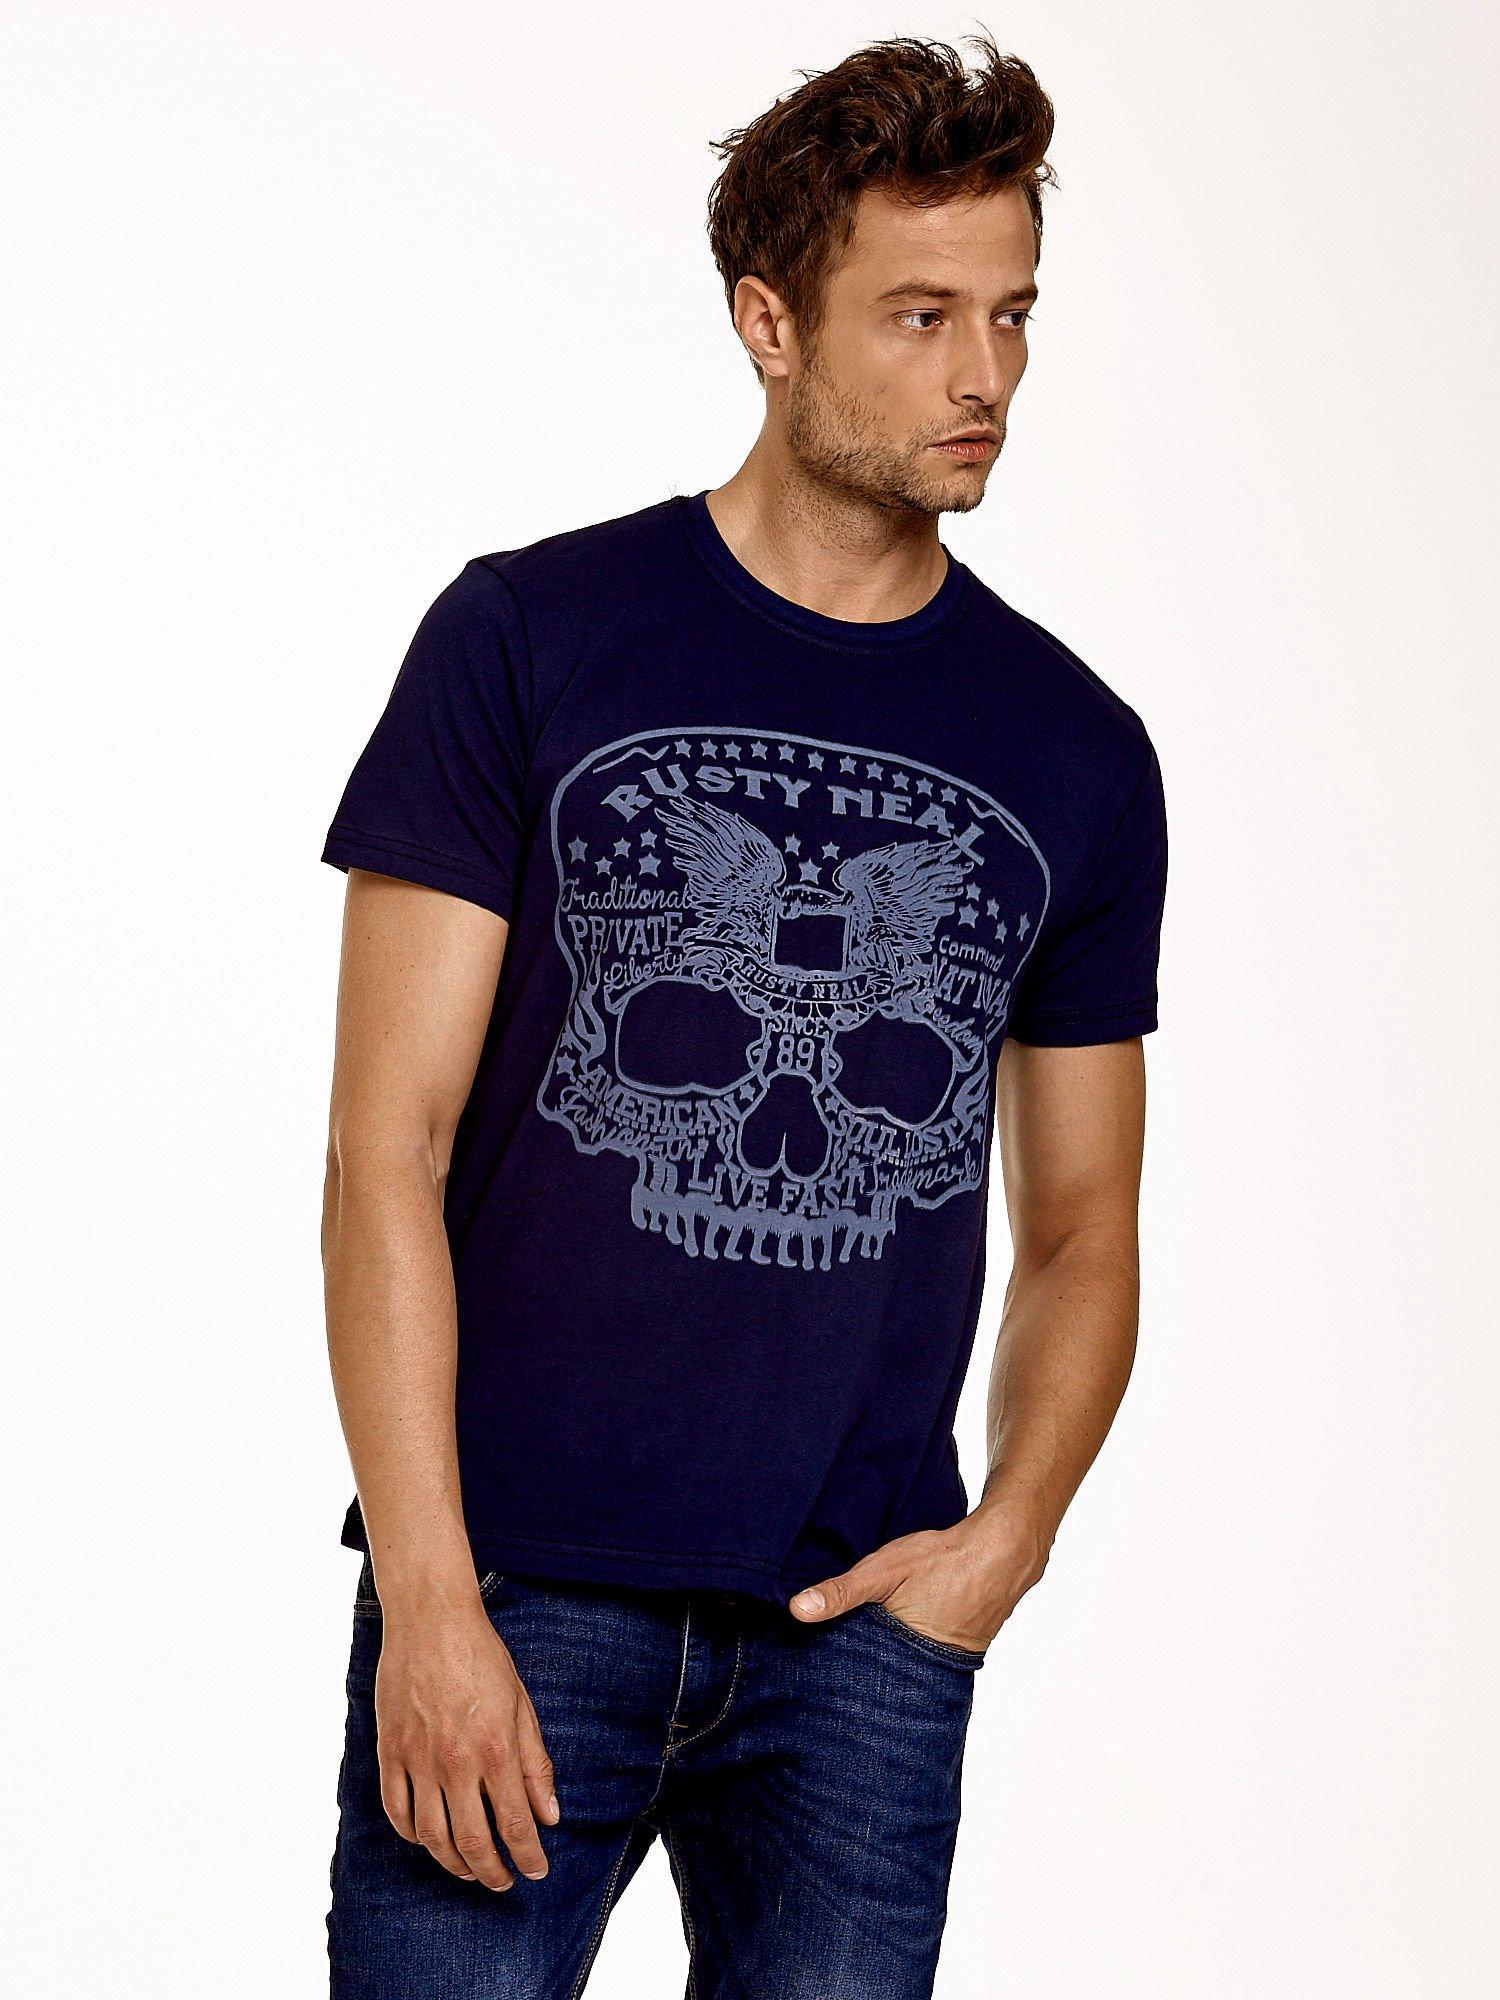 Granatowy t-shirt męski z nadrukiem czaszki i napisami                                  zdj.                                  1